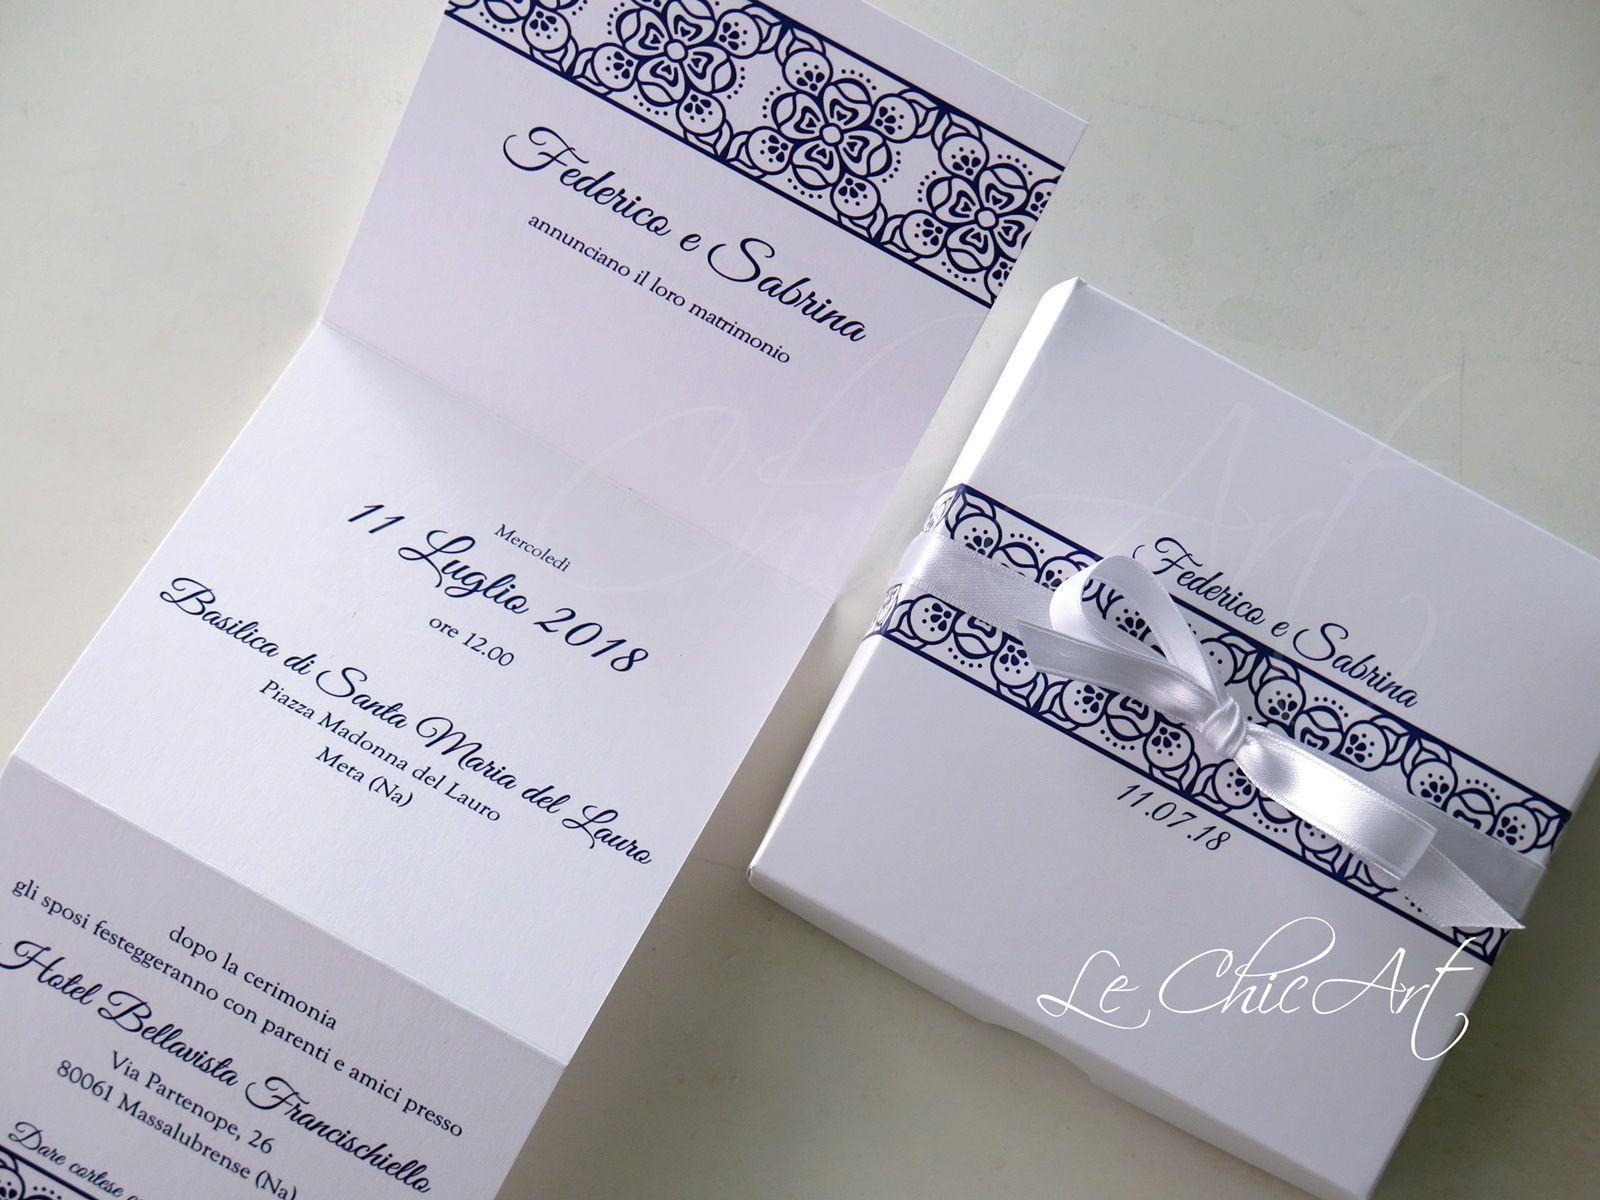 Partecipazione Matrimonio Stile Vietri In Blu Navy Matrimonio Partecipazioni Nozze Nozze